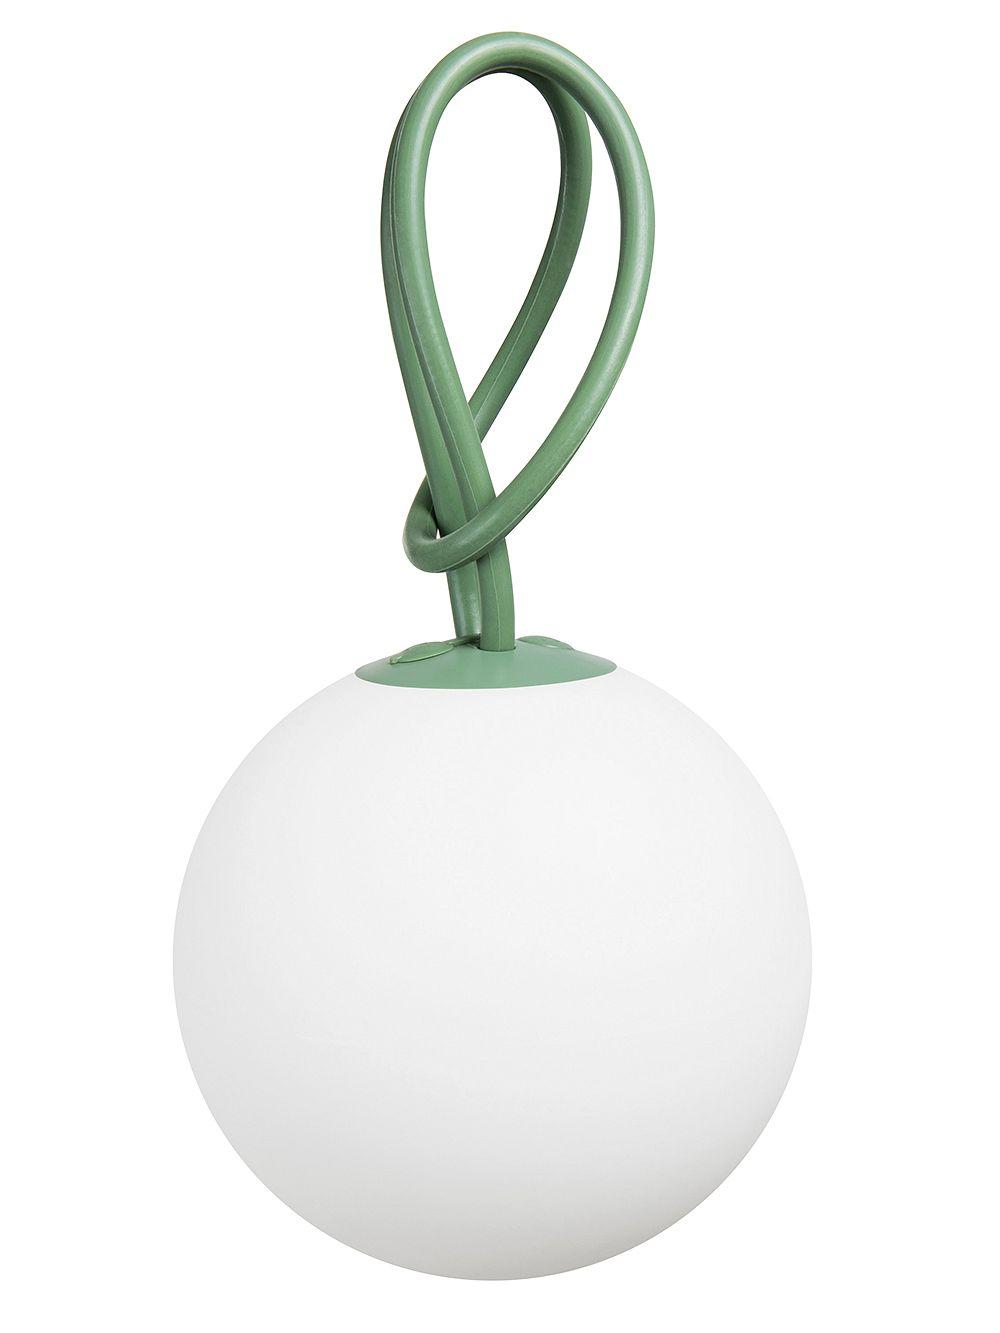 Fatboy Bolleke lamp, industrial green